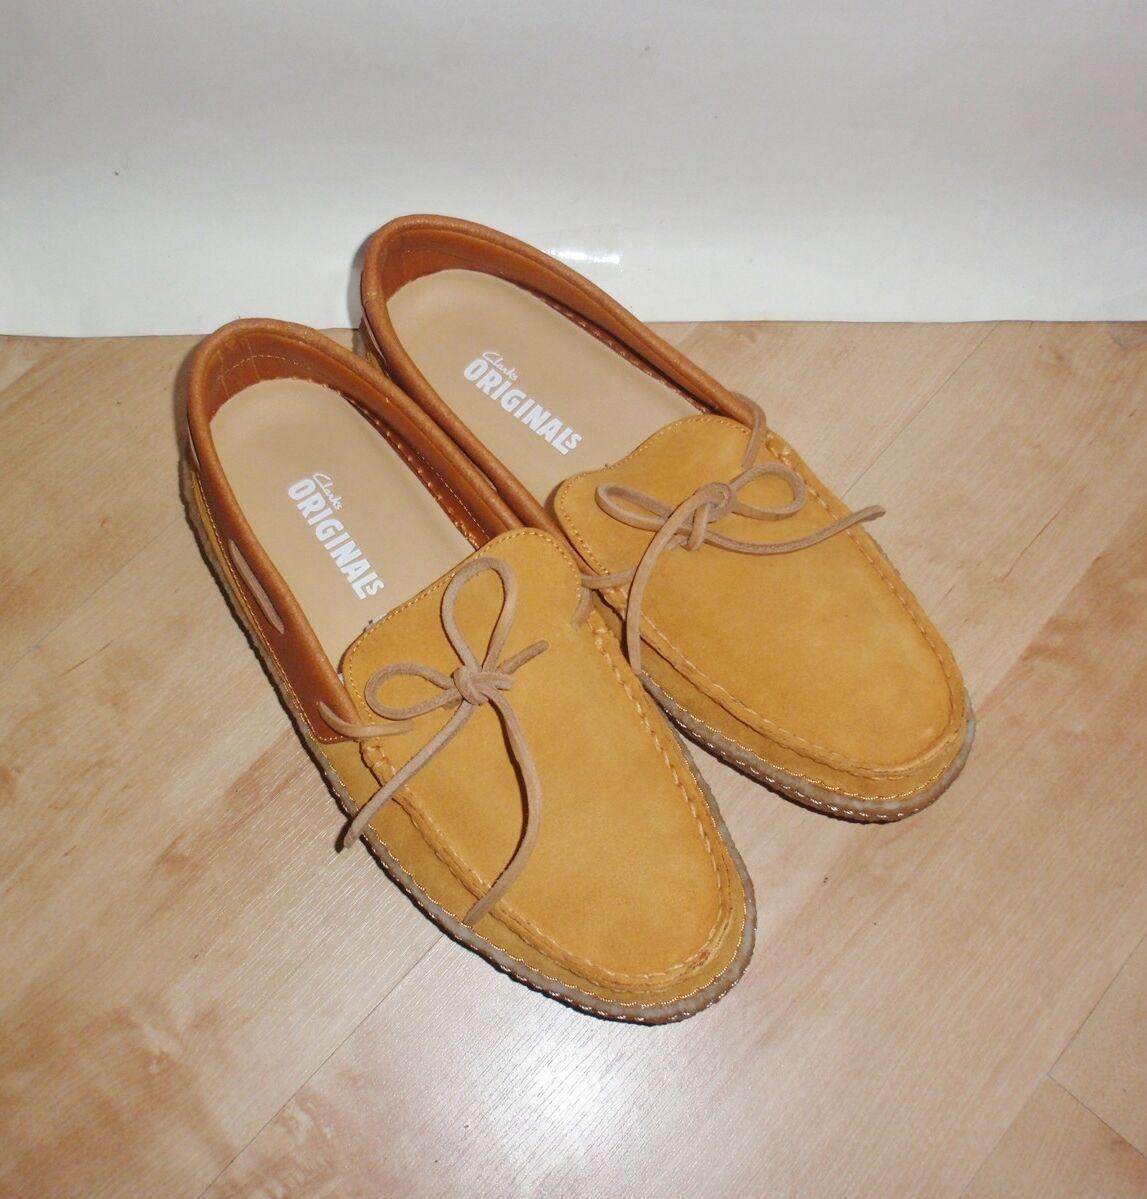 Nuevo Y EN CAJA Clarks Originals para hombre Edmund Valle Cordones Casuales Zapatos Gamuza